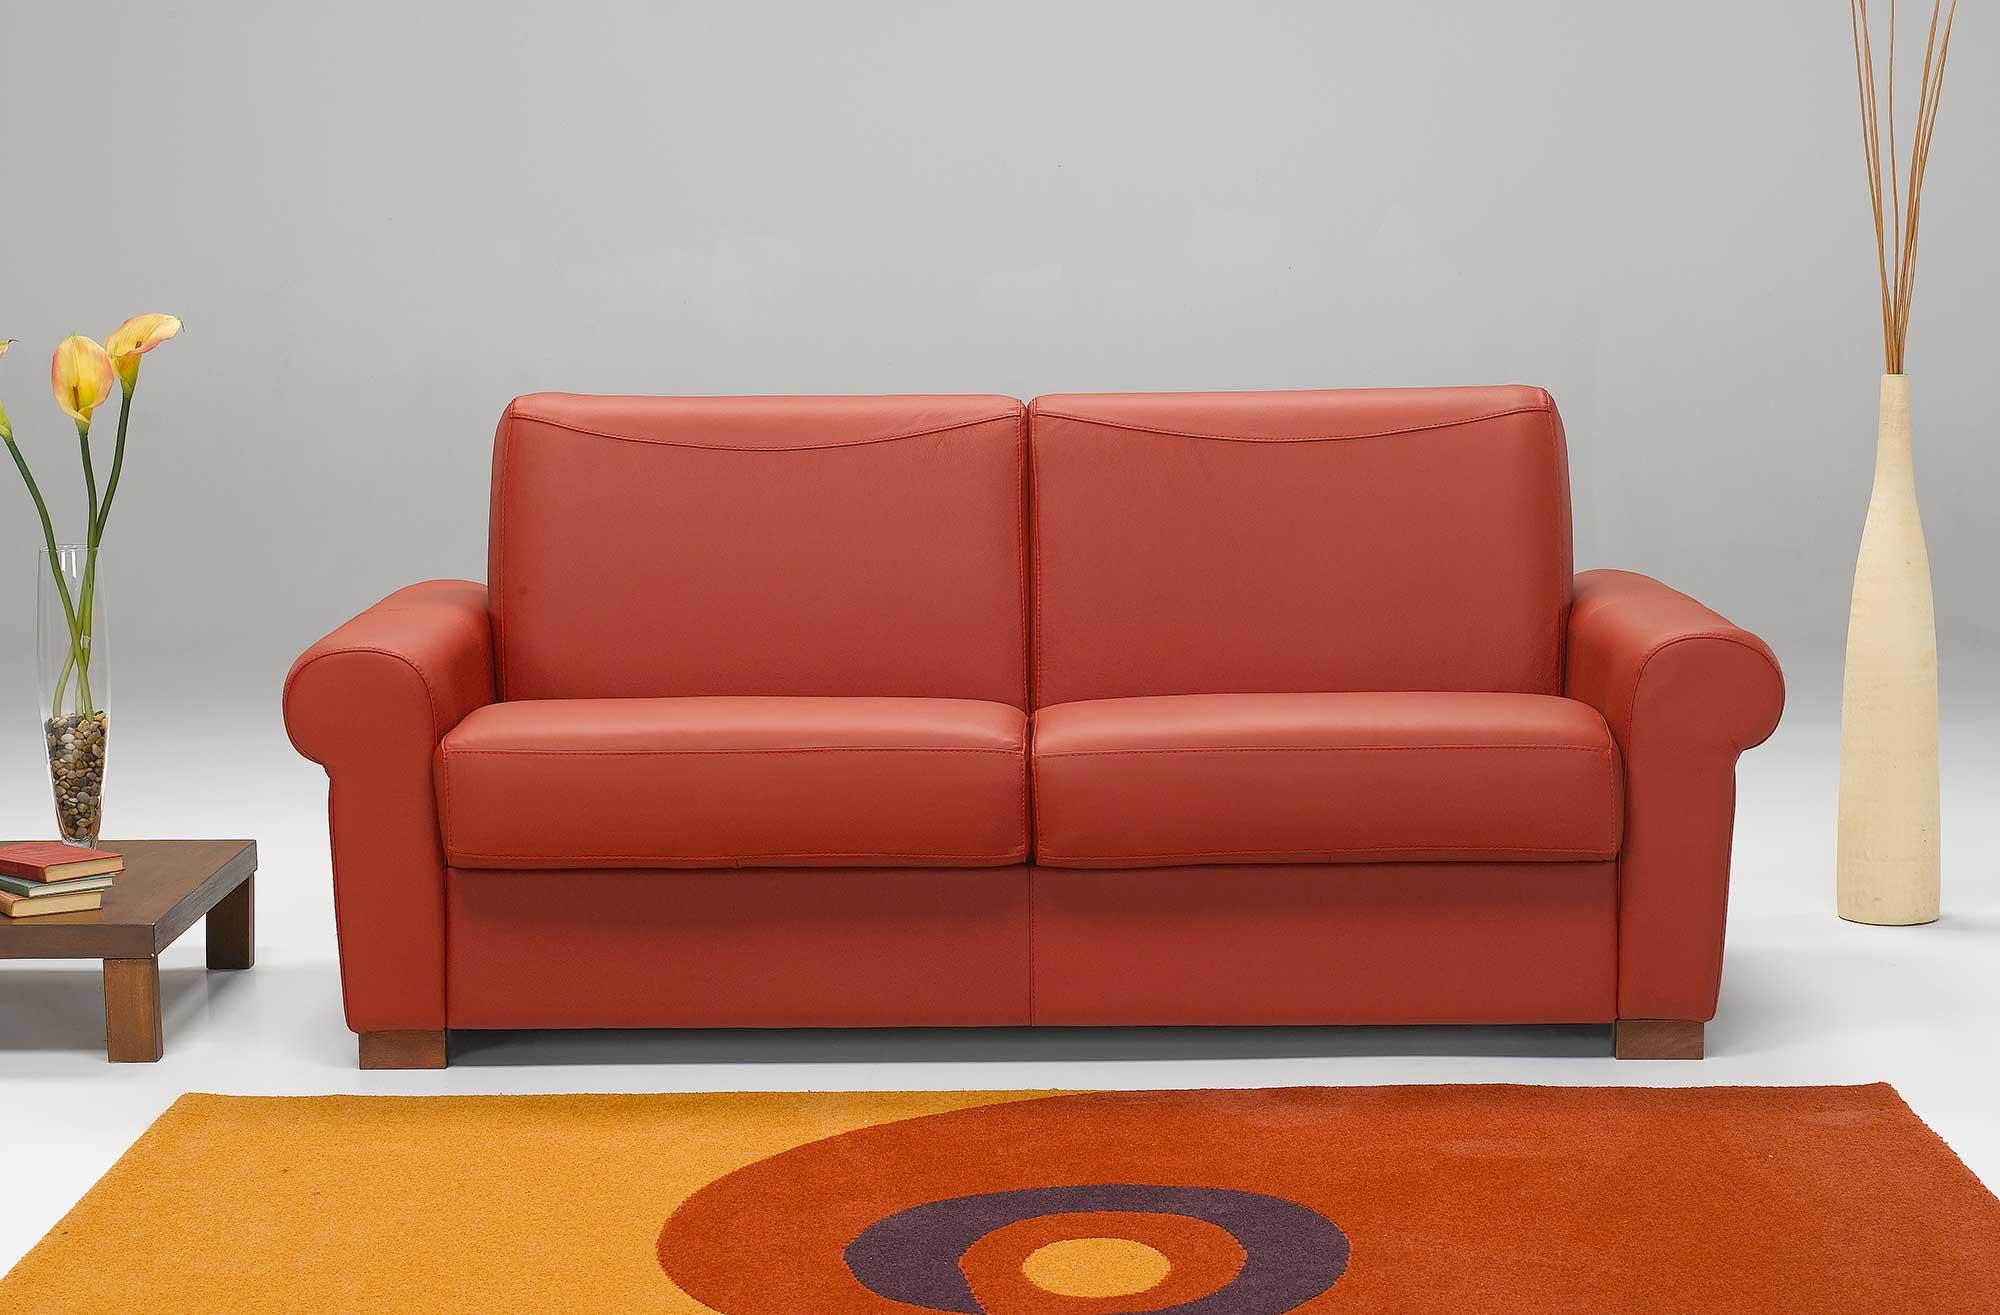 Meccanismi per divani letto roma design - Gambettola divano ...